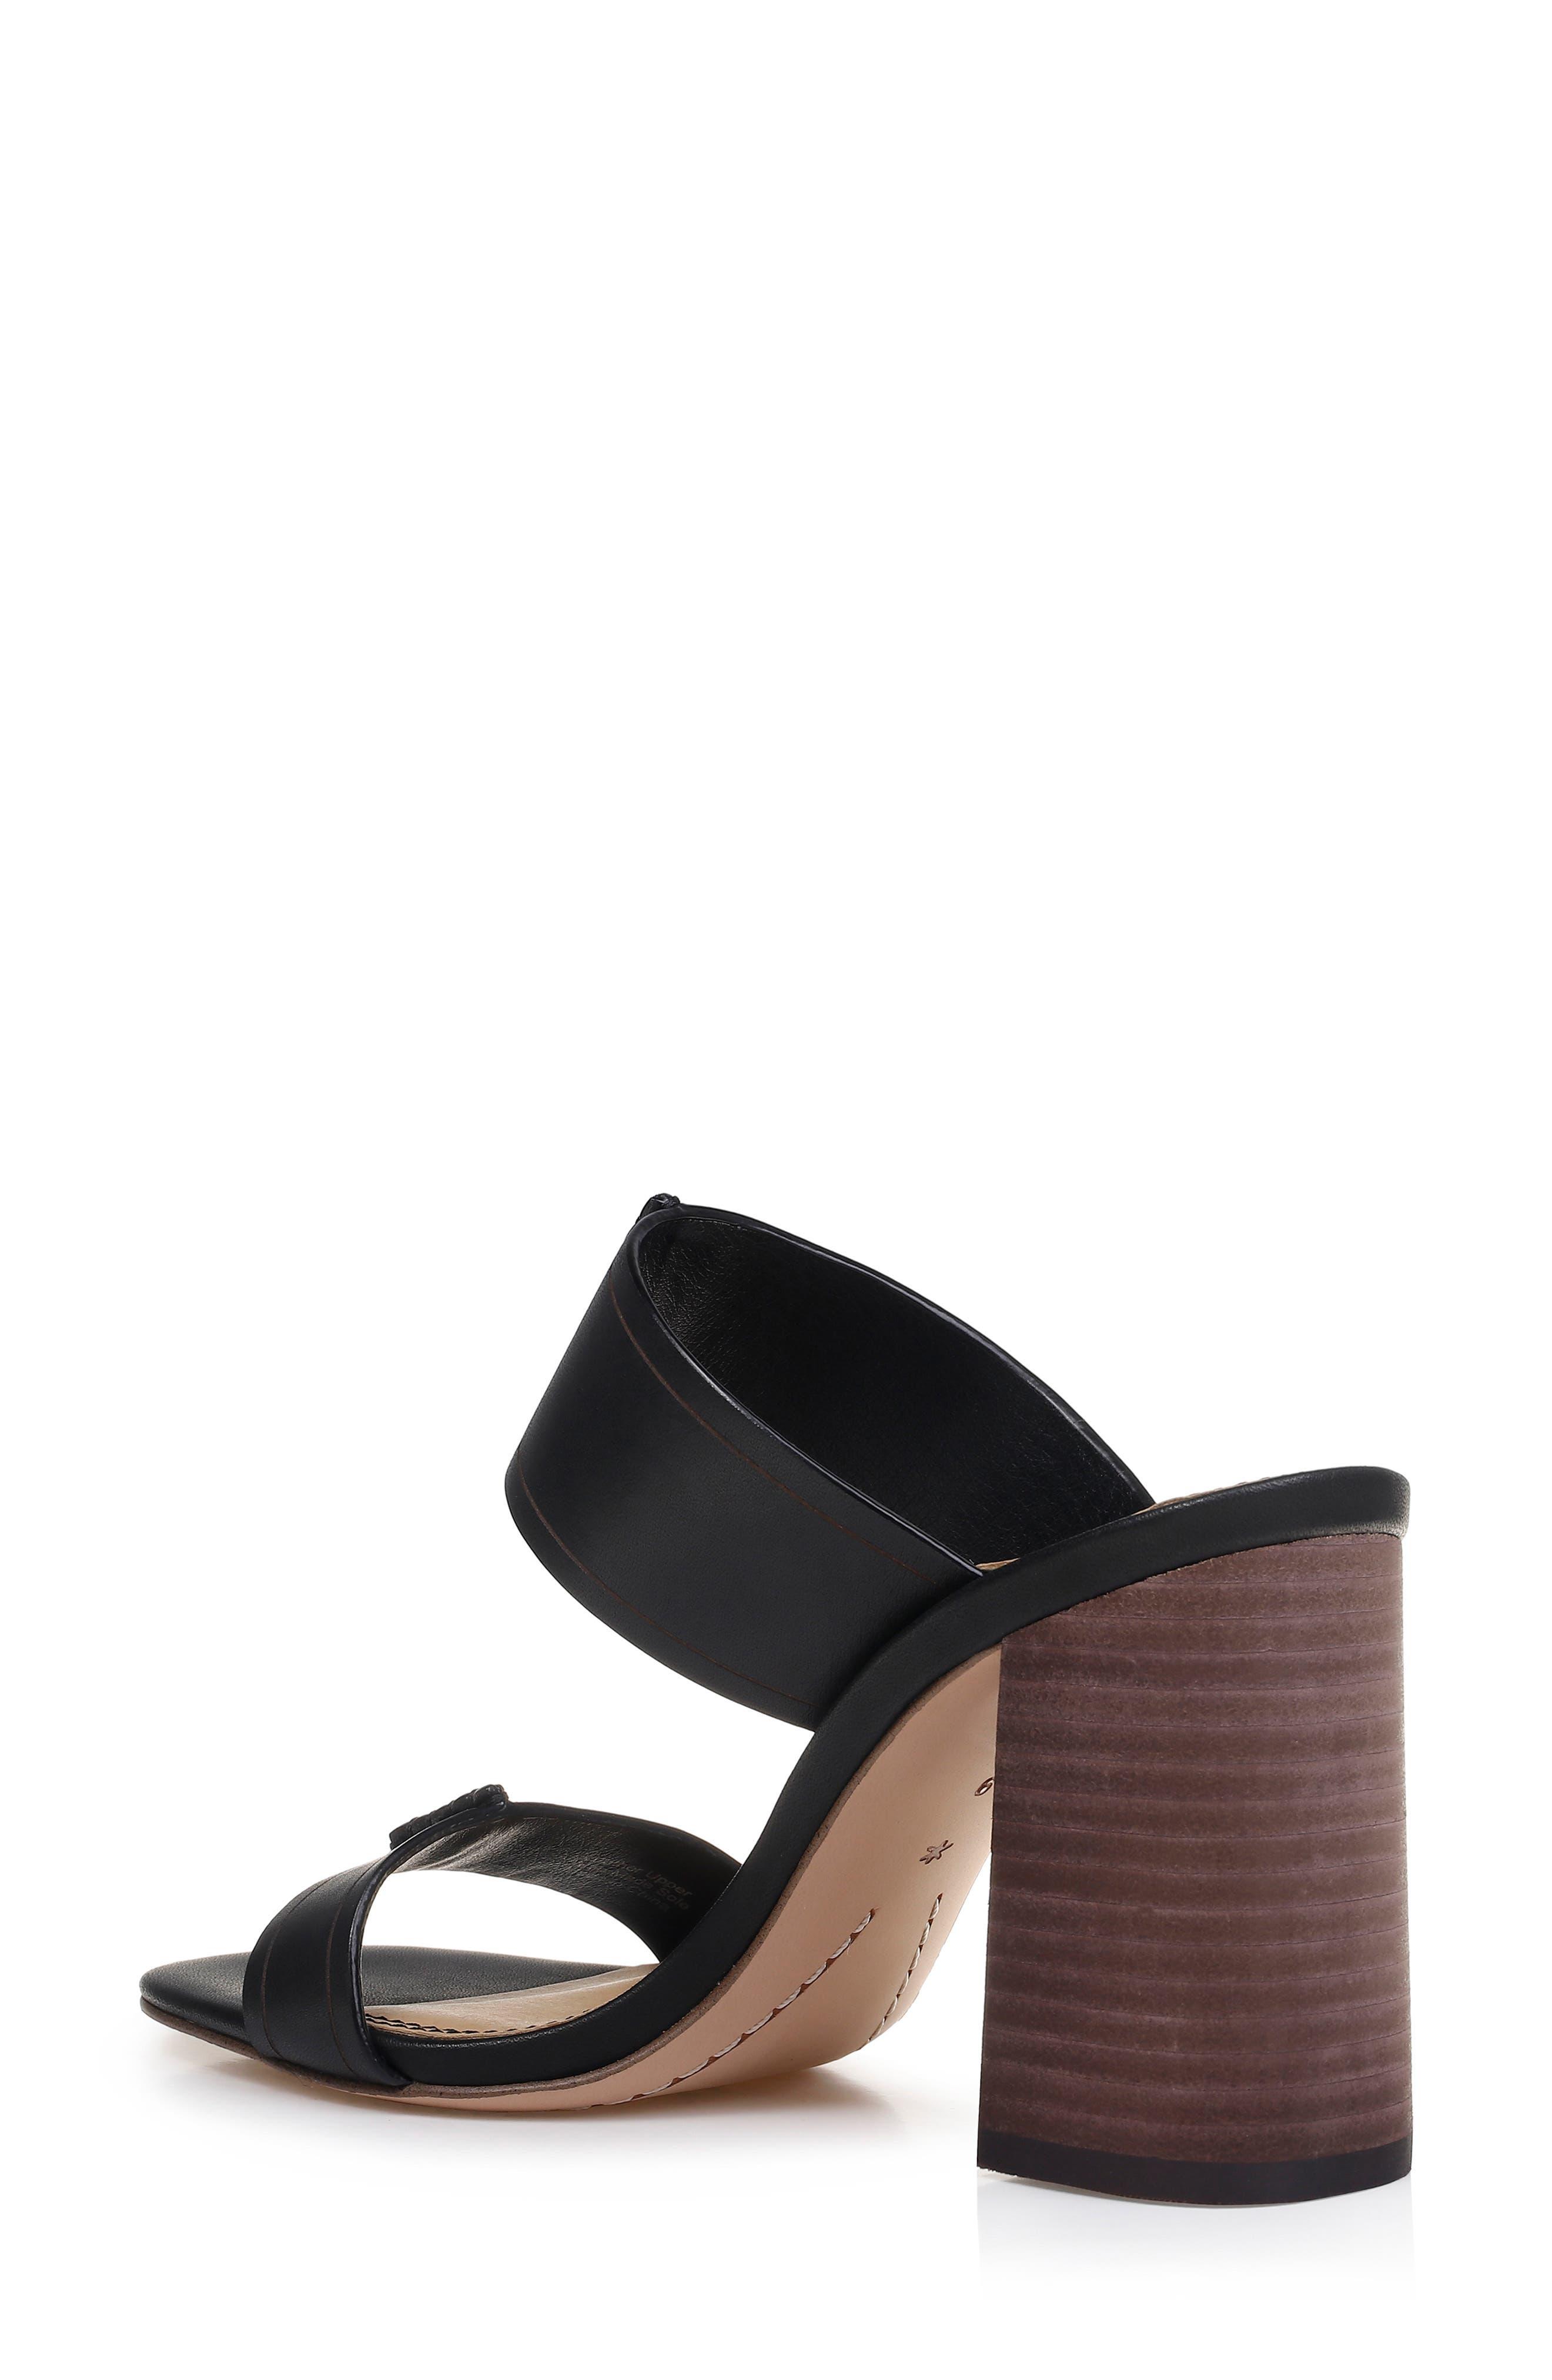 SPLENDID, Tacy Slide Sandal, Alternate thumbnail 2, color, BLACK LEATHER